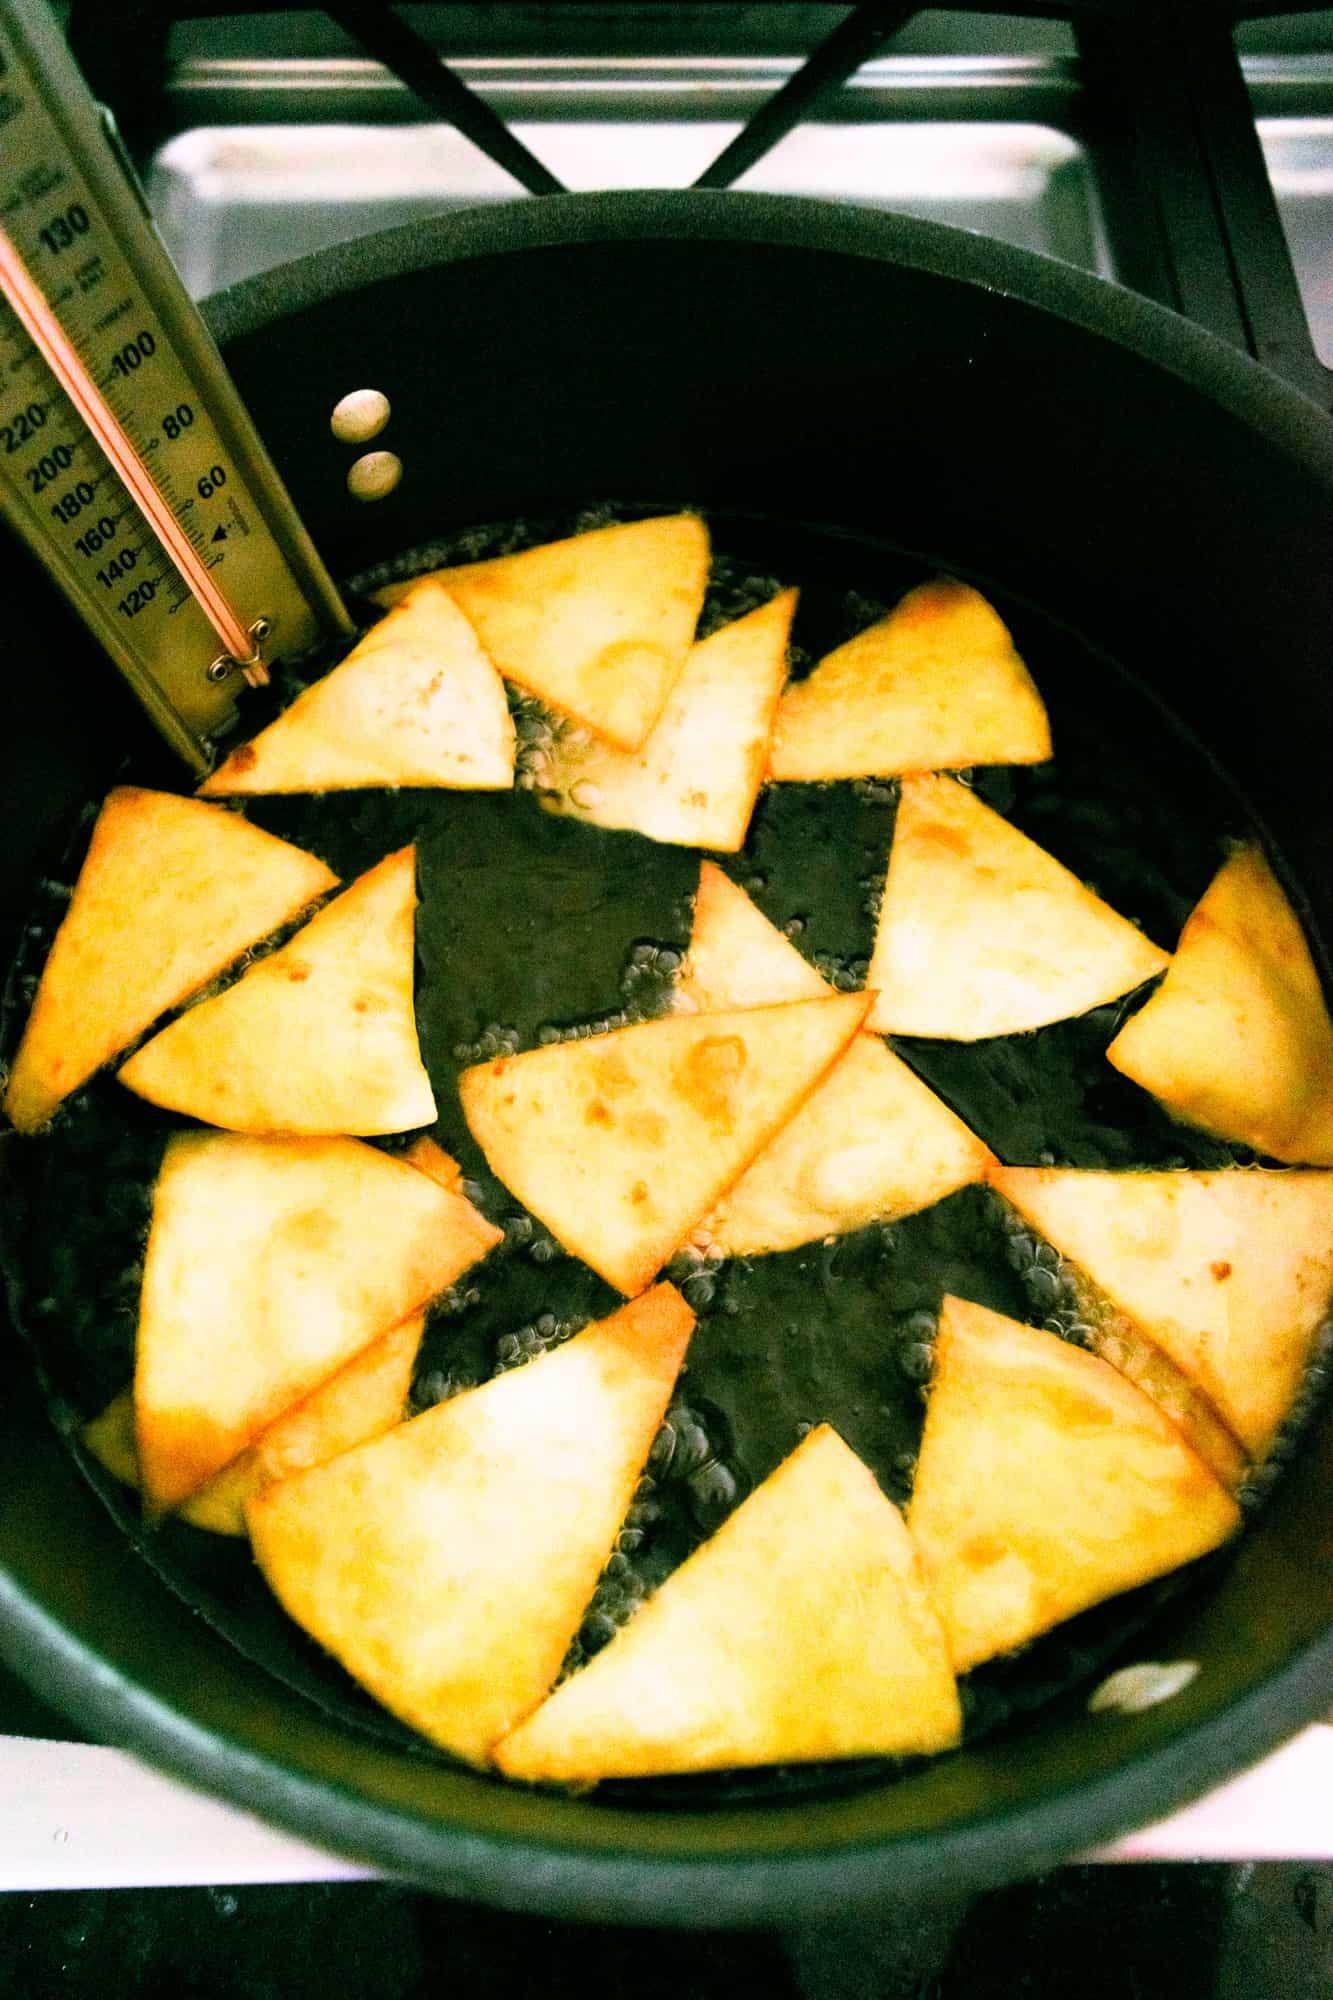 fried tortilla